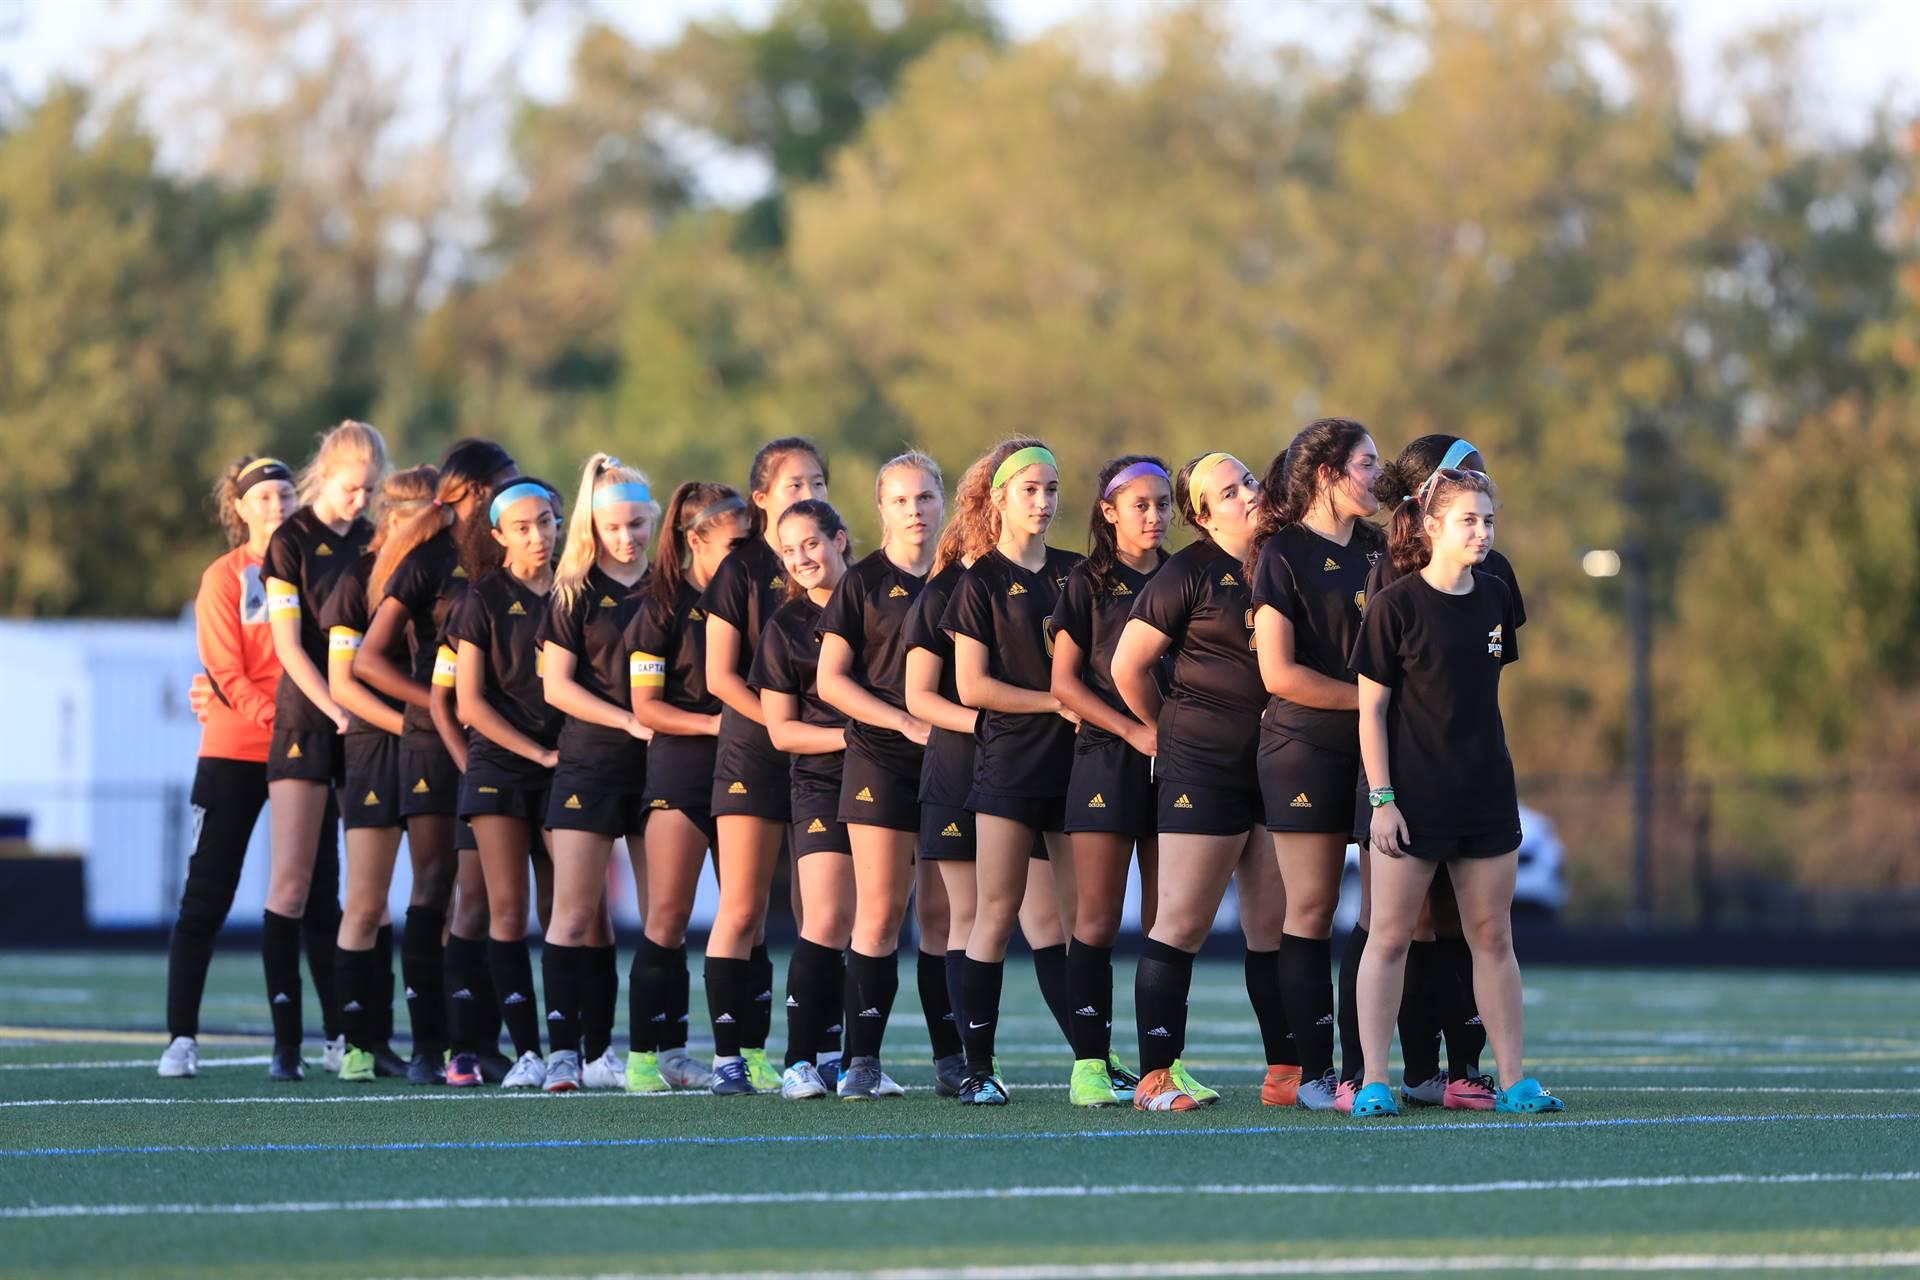 Ladies soccer team